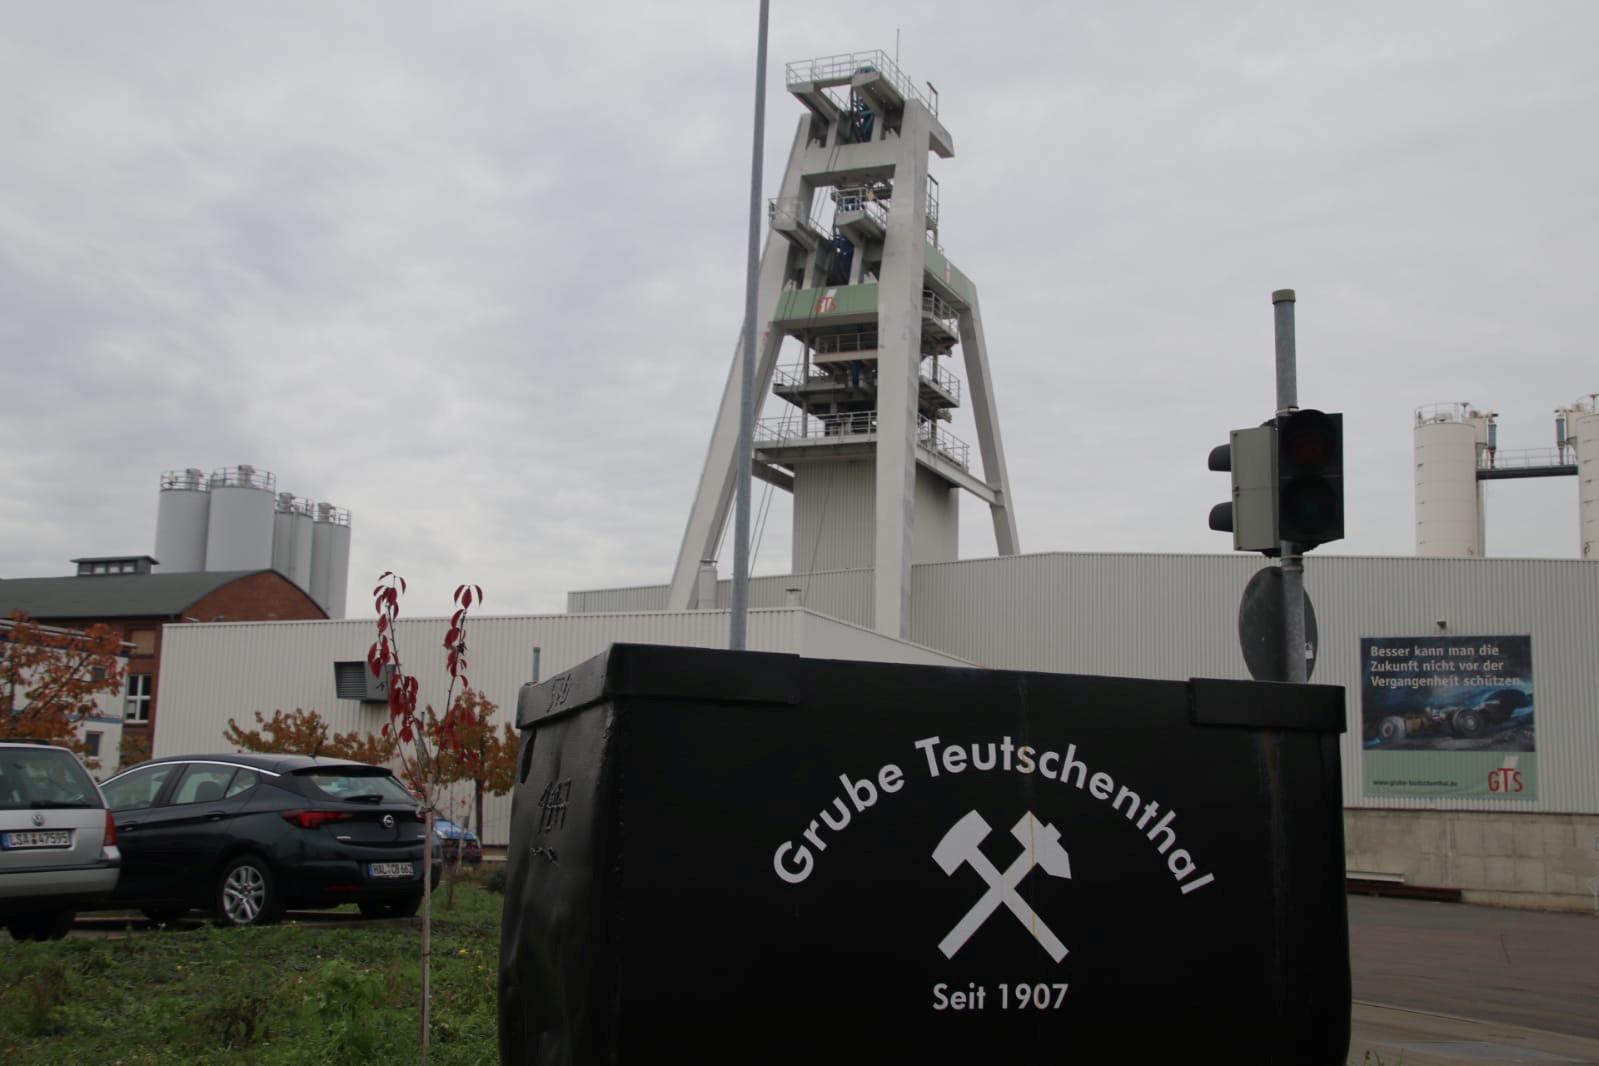 Nach Explosion in Grube in Sachsen-Anhalt: Die 35 eingeschlossenen Personen konnten gerettet werden